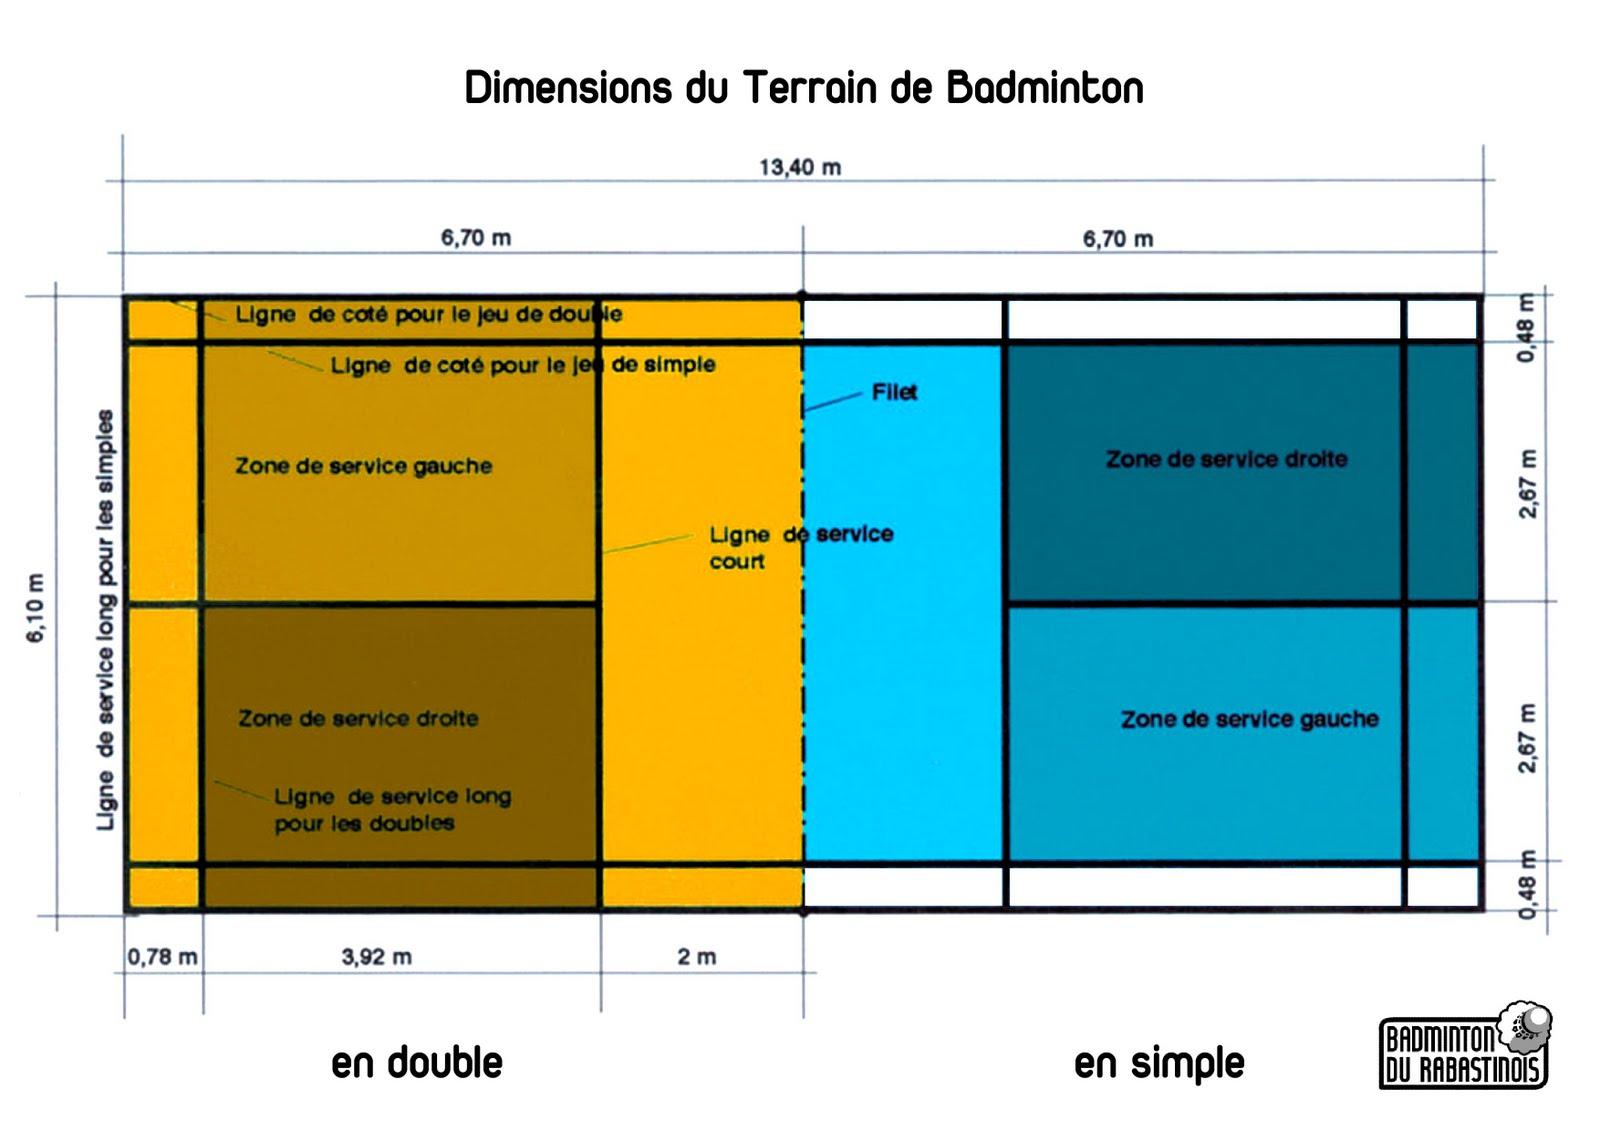 Badminton du rabastinois le service for Terrain de tennis dimensions